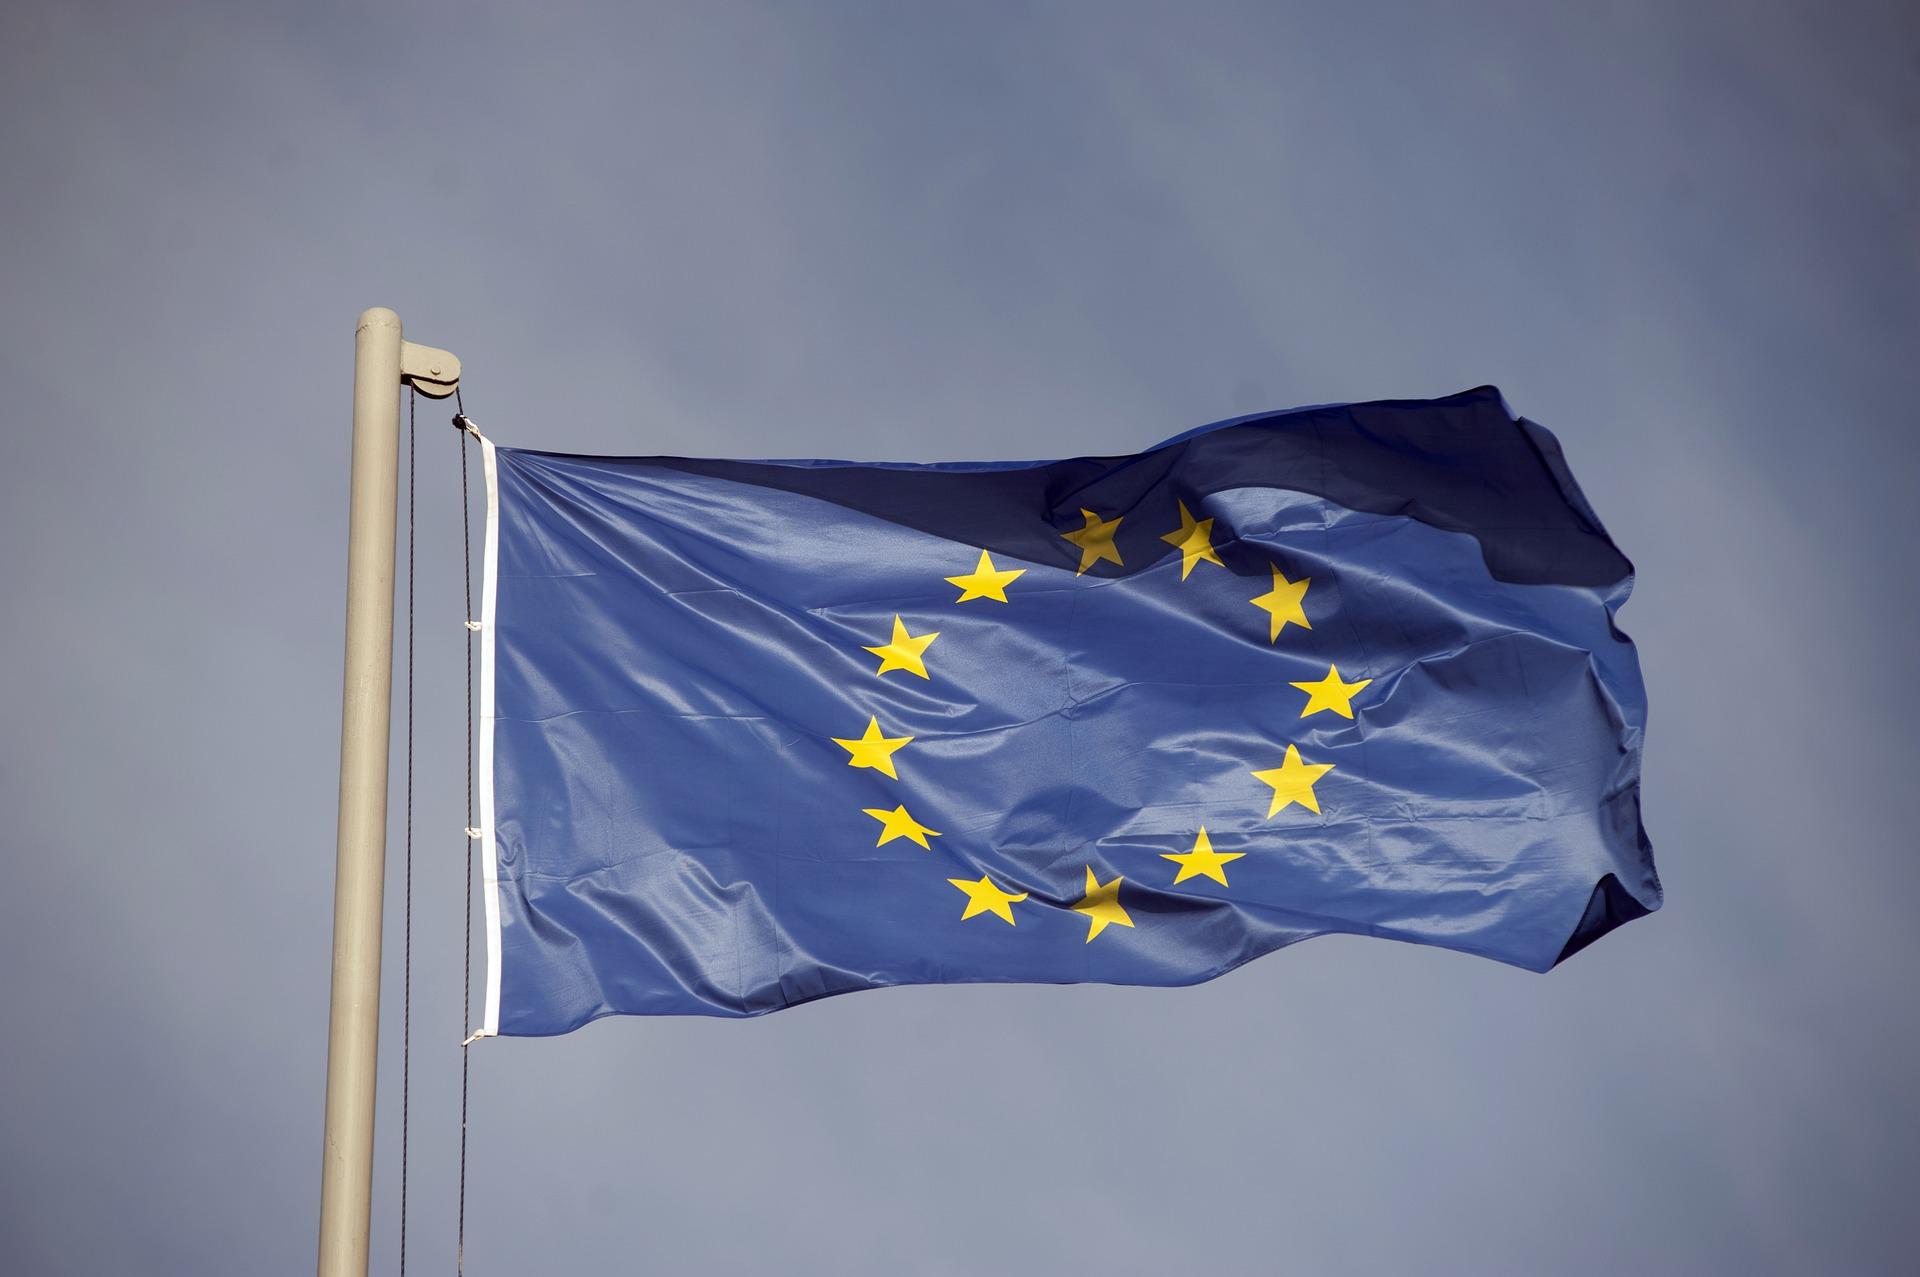 Det är i tider som dessa vi ser att EU måste stå starkt